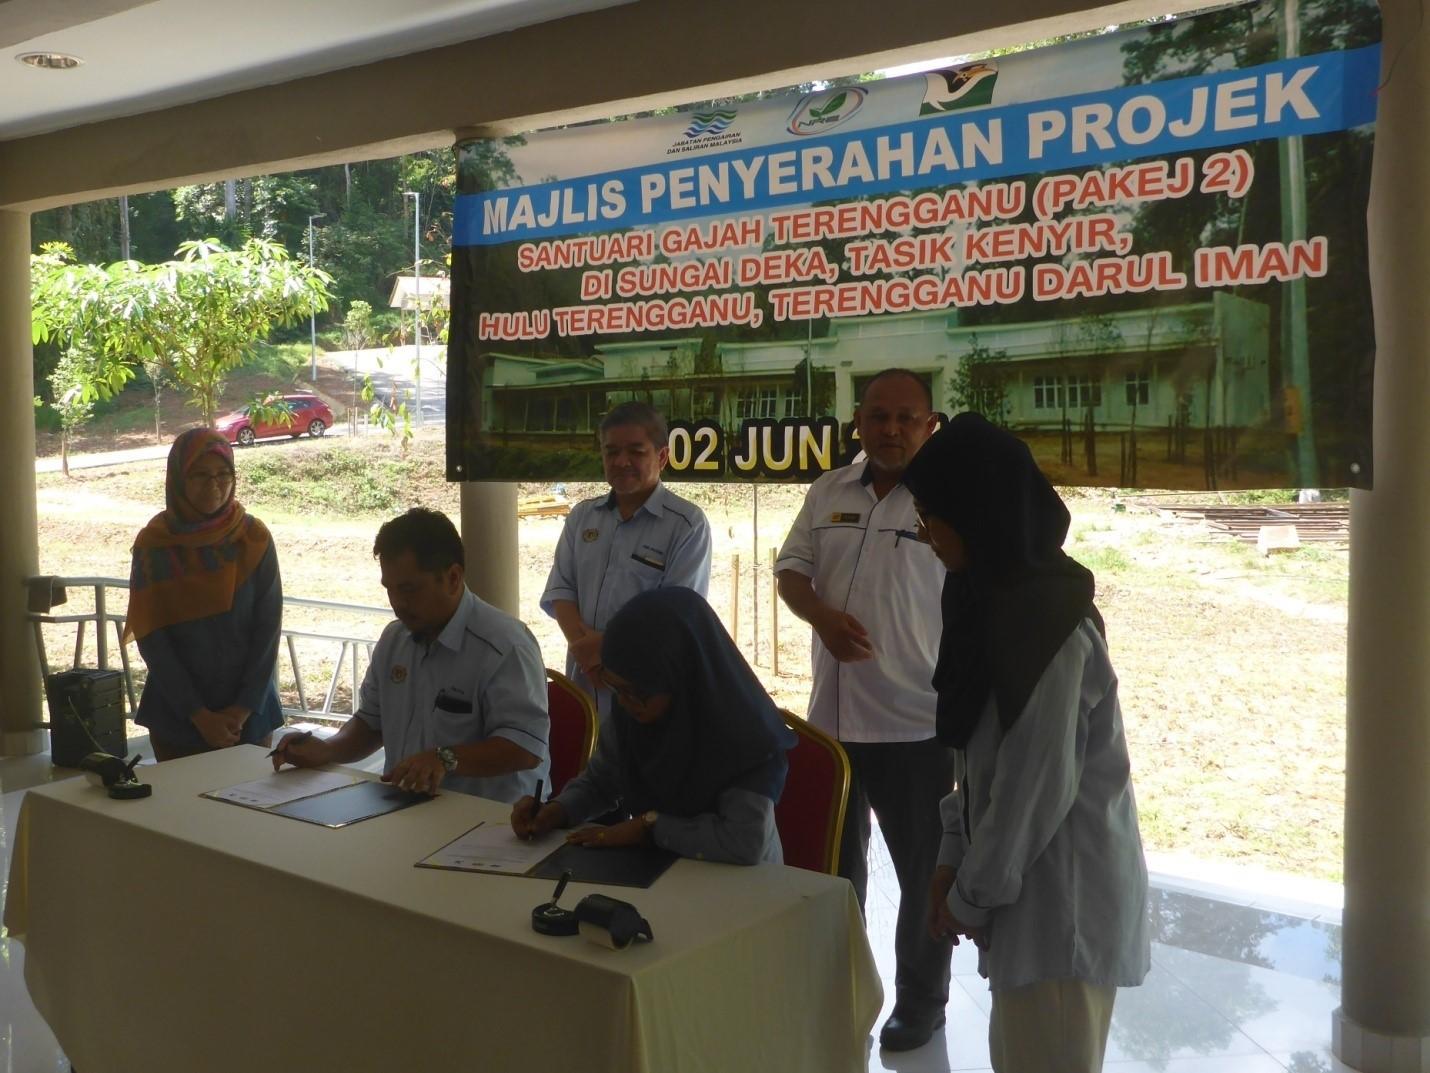 Majlis Daerah Kuala Terengganu : Sungai petuang, tasik